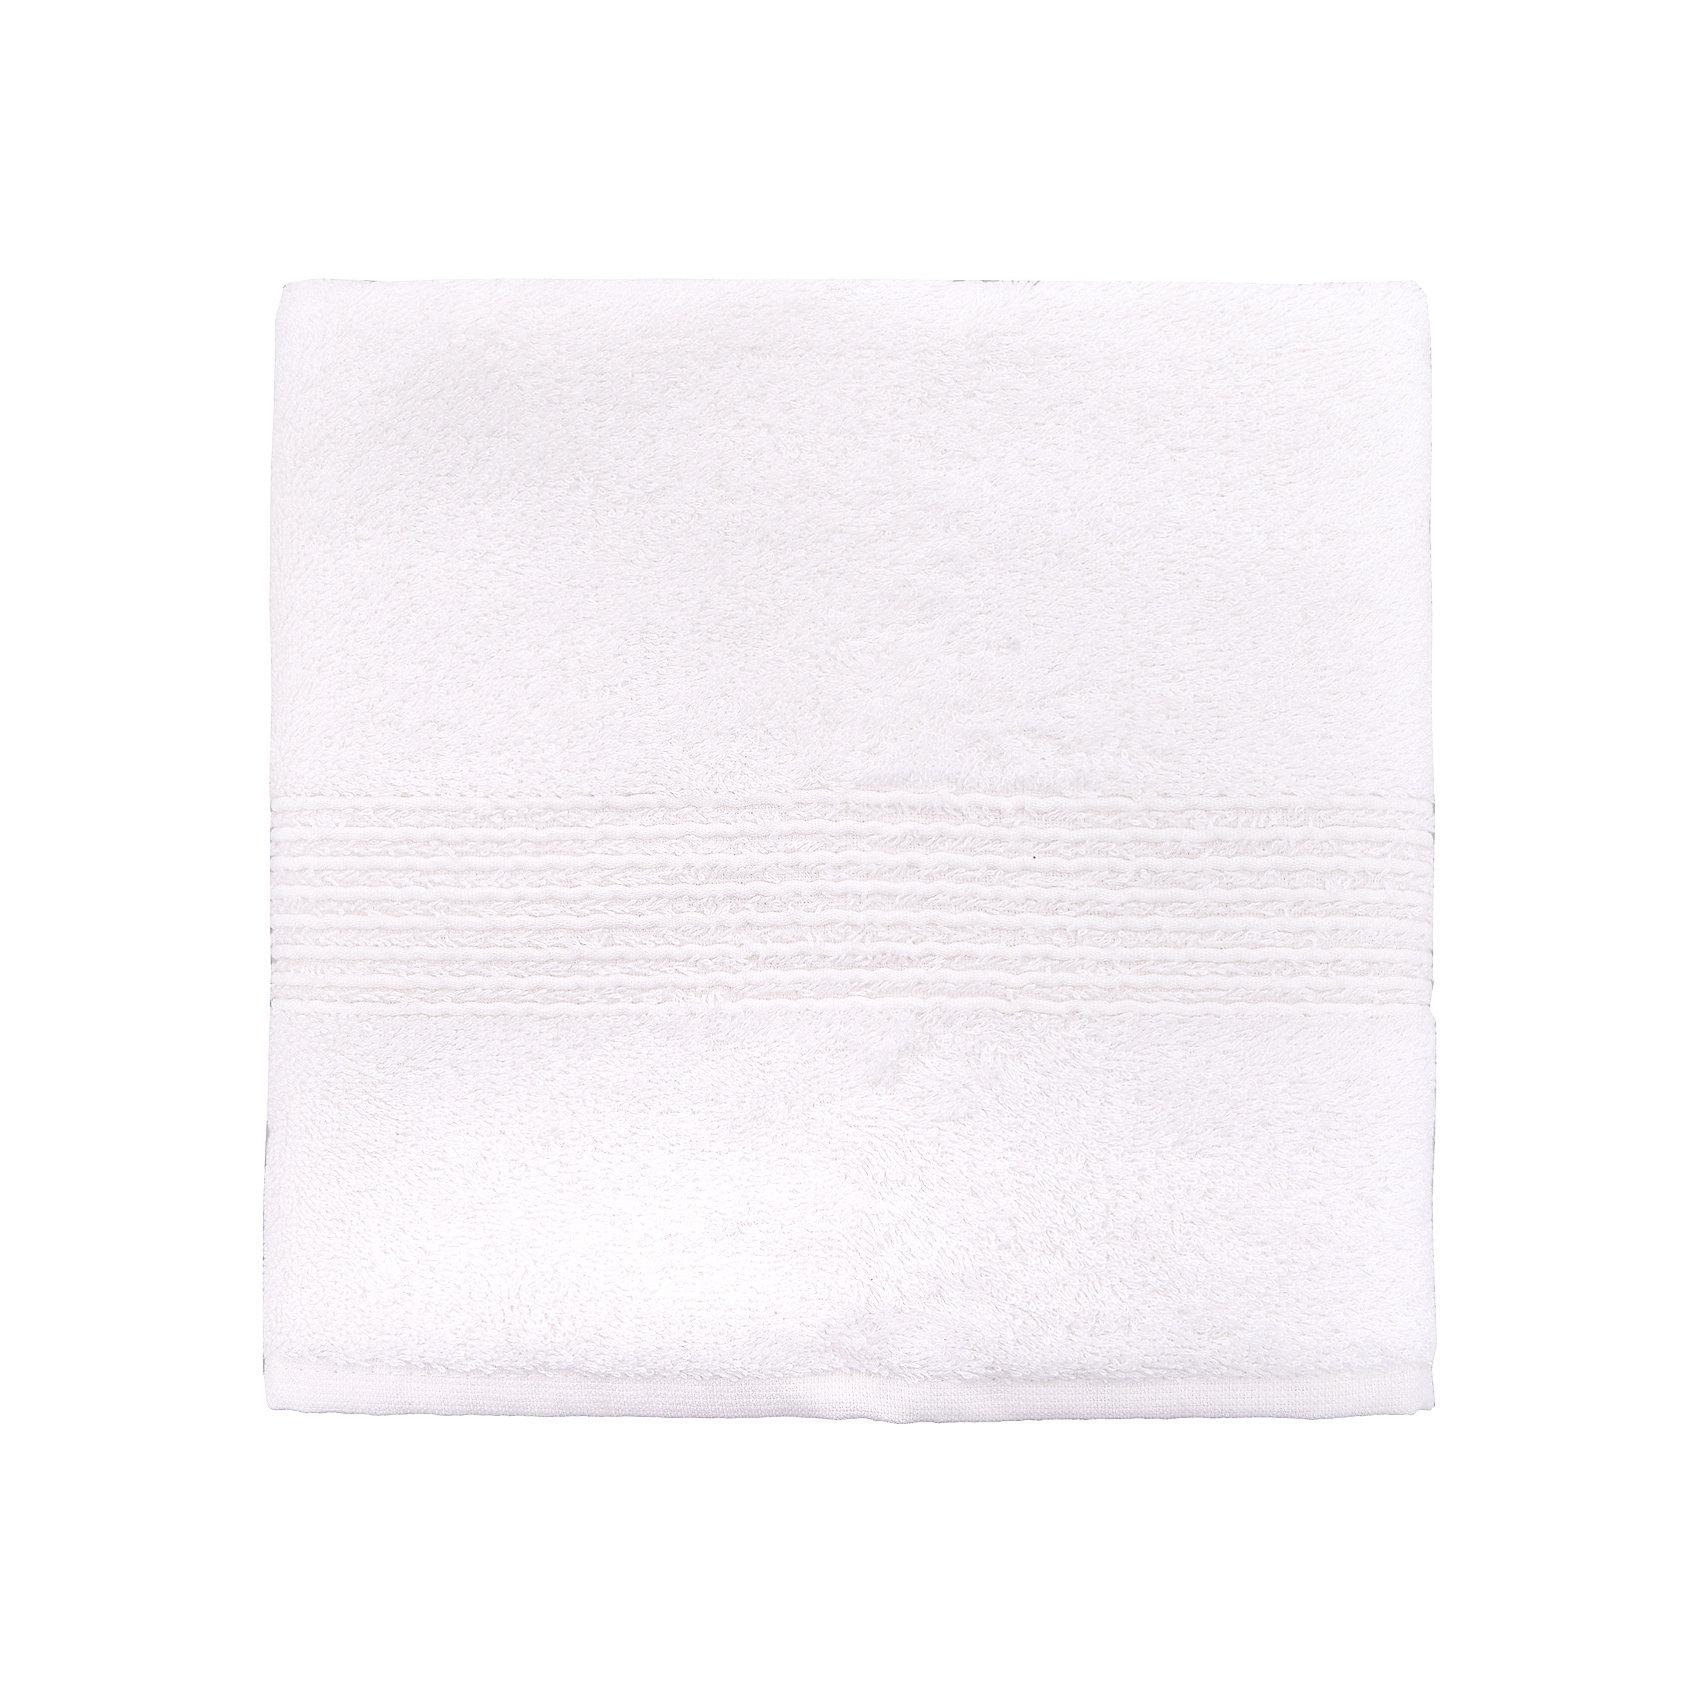 Полотенце махровое Maison Bambu, 50*90, TAC, кремовый (ekru)Ванная комната<br>Характеристики:<br><br>• Вид домашнего текстиля: махровое полотенце<br>• Размеры полотенца: 50*90 см<br>• Рисунок: без рисунка<br>• Декоративные элементы: бордюр<br>• Материал: хлопок, 50% хлопок; бамбук, 50%<br>• Цвет: кремовый<br>• Плотность полотна: 550 гр/м2 <br>• Вес: 260 г<br>• Размеры упаковки (Д*Ш*В): 25*4*25 см<br>• Особенности ухода: машинная стирка <br><br>Полотенце махровое Maison Bambu, 50*90, TAC, кремовый (ekru) от наиболее популярного бренда на отечественном рынке среди производителей комплектов постельного белья и текстильных принадлежностей, выпуском которого занимается производственная компания, являющаяся частью мирового холдинга Zorlu Holding Textiles Group. Полотенце выполнено из сочетания натурального хлопка и бамбукового волокна, что обеспечивает гипоаллергенность, высокую износоустойчивость, повышенные гигкоскопические и антибактериальные свойства изделия. <br><br>Благодаря высокой степени плотности махры, полотенце отлично впитывает влагу, но при этом остается мягким. Ворс окрашен стойкими нетоксичными красителями, который не оставляет запаха и обеспечивает ровный окрас. Полотенце сохраняет свой цвет и форму даже при частых стирках. Выполнено в кремовом цвете без рисунка, декорировано бордюром.<br><br>Полотенце махровое Maison Bambu, 50*90, TAC, кремовый (ekru) можно купить в нашем интернет-магазине.<br><br>Ширина мм: 250<br>Глубина мм: 30<br>Высота мм: 230<br>Вес г: 300<br>Возраст от месяцев: 216<br>Возраст до месяцев: 1188<br>Пол: Унисекс<br>Возраст: Детский<br>SKU: 5476335